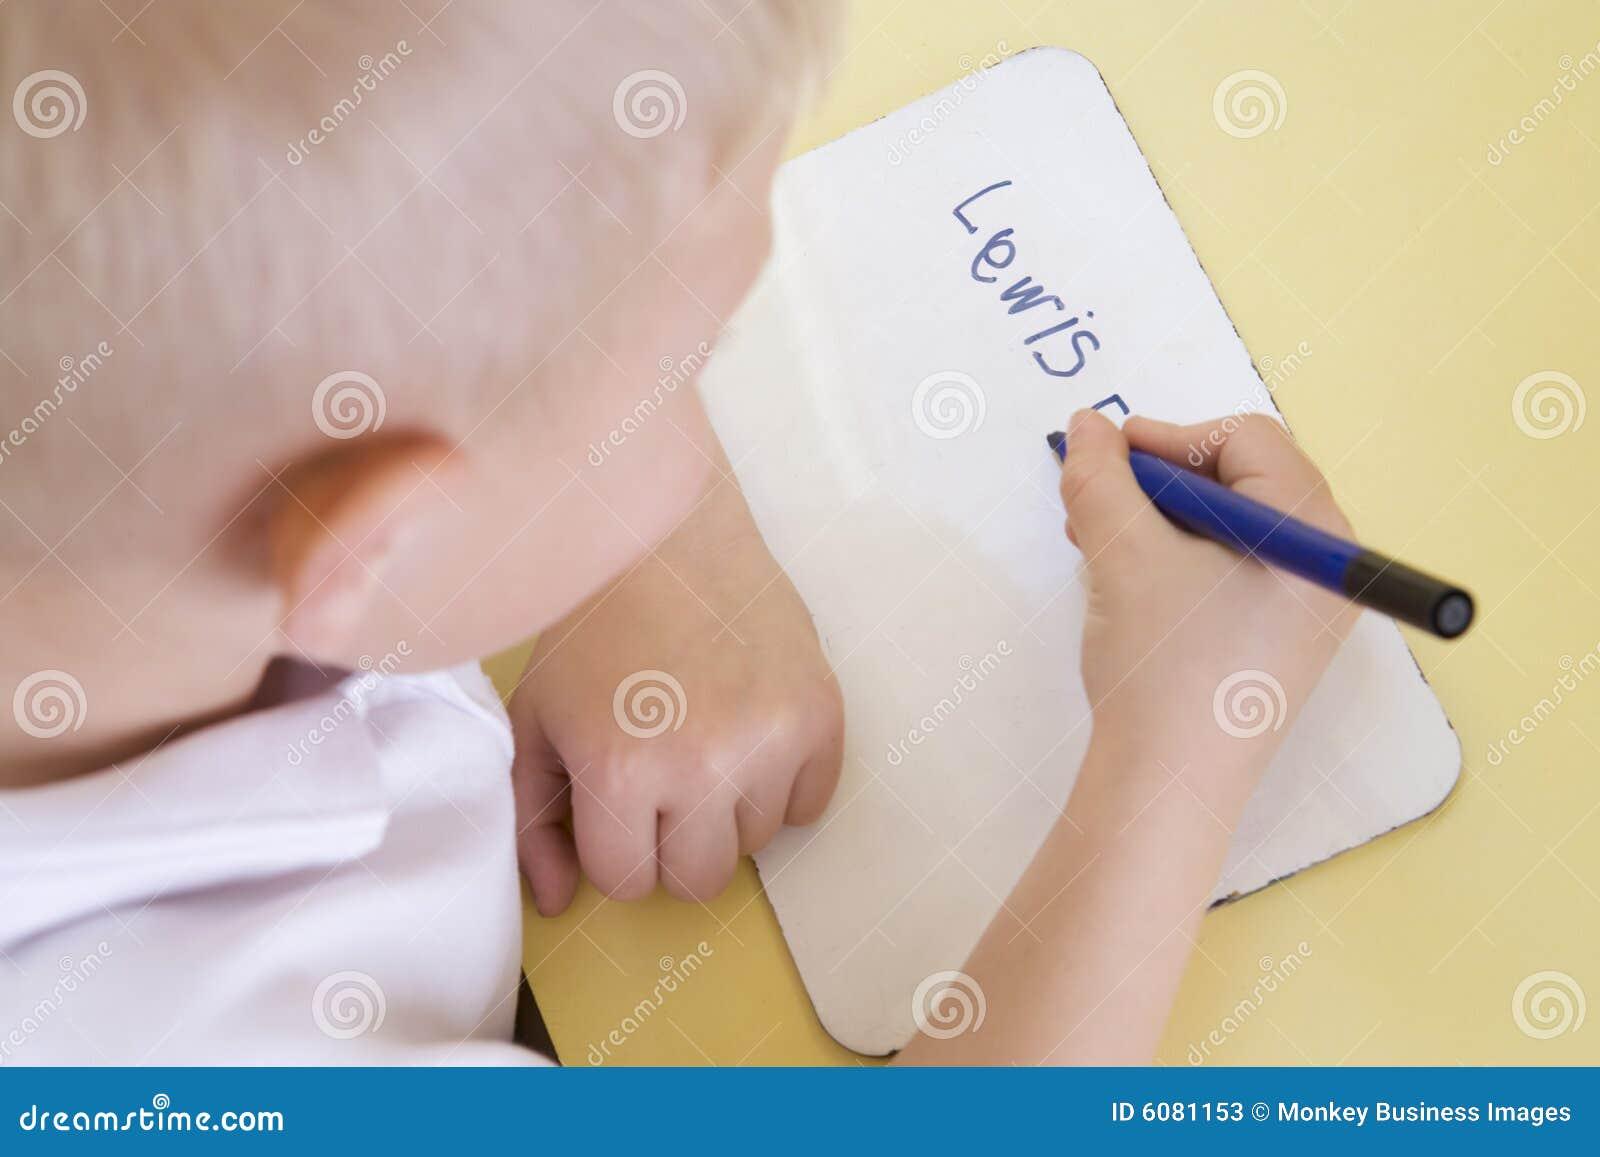 Codice categoria del ragazzo che impara primario nome per scrivere